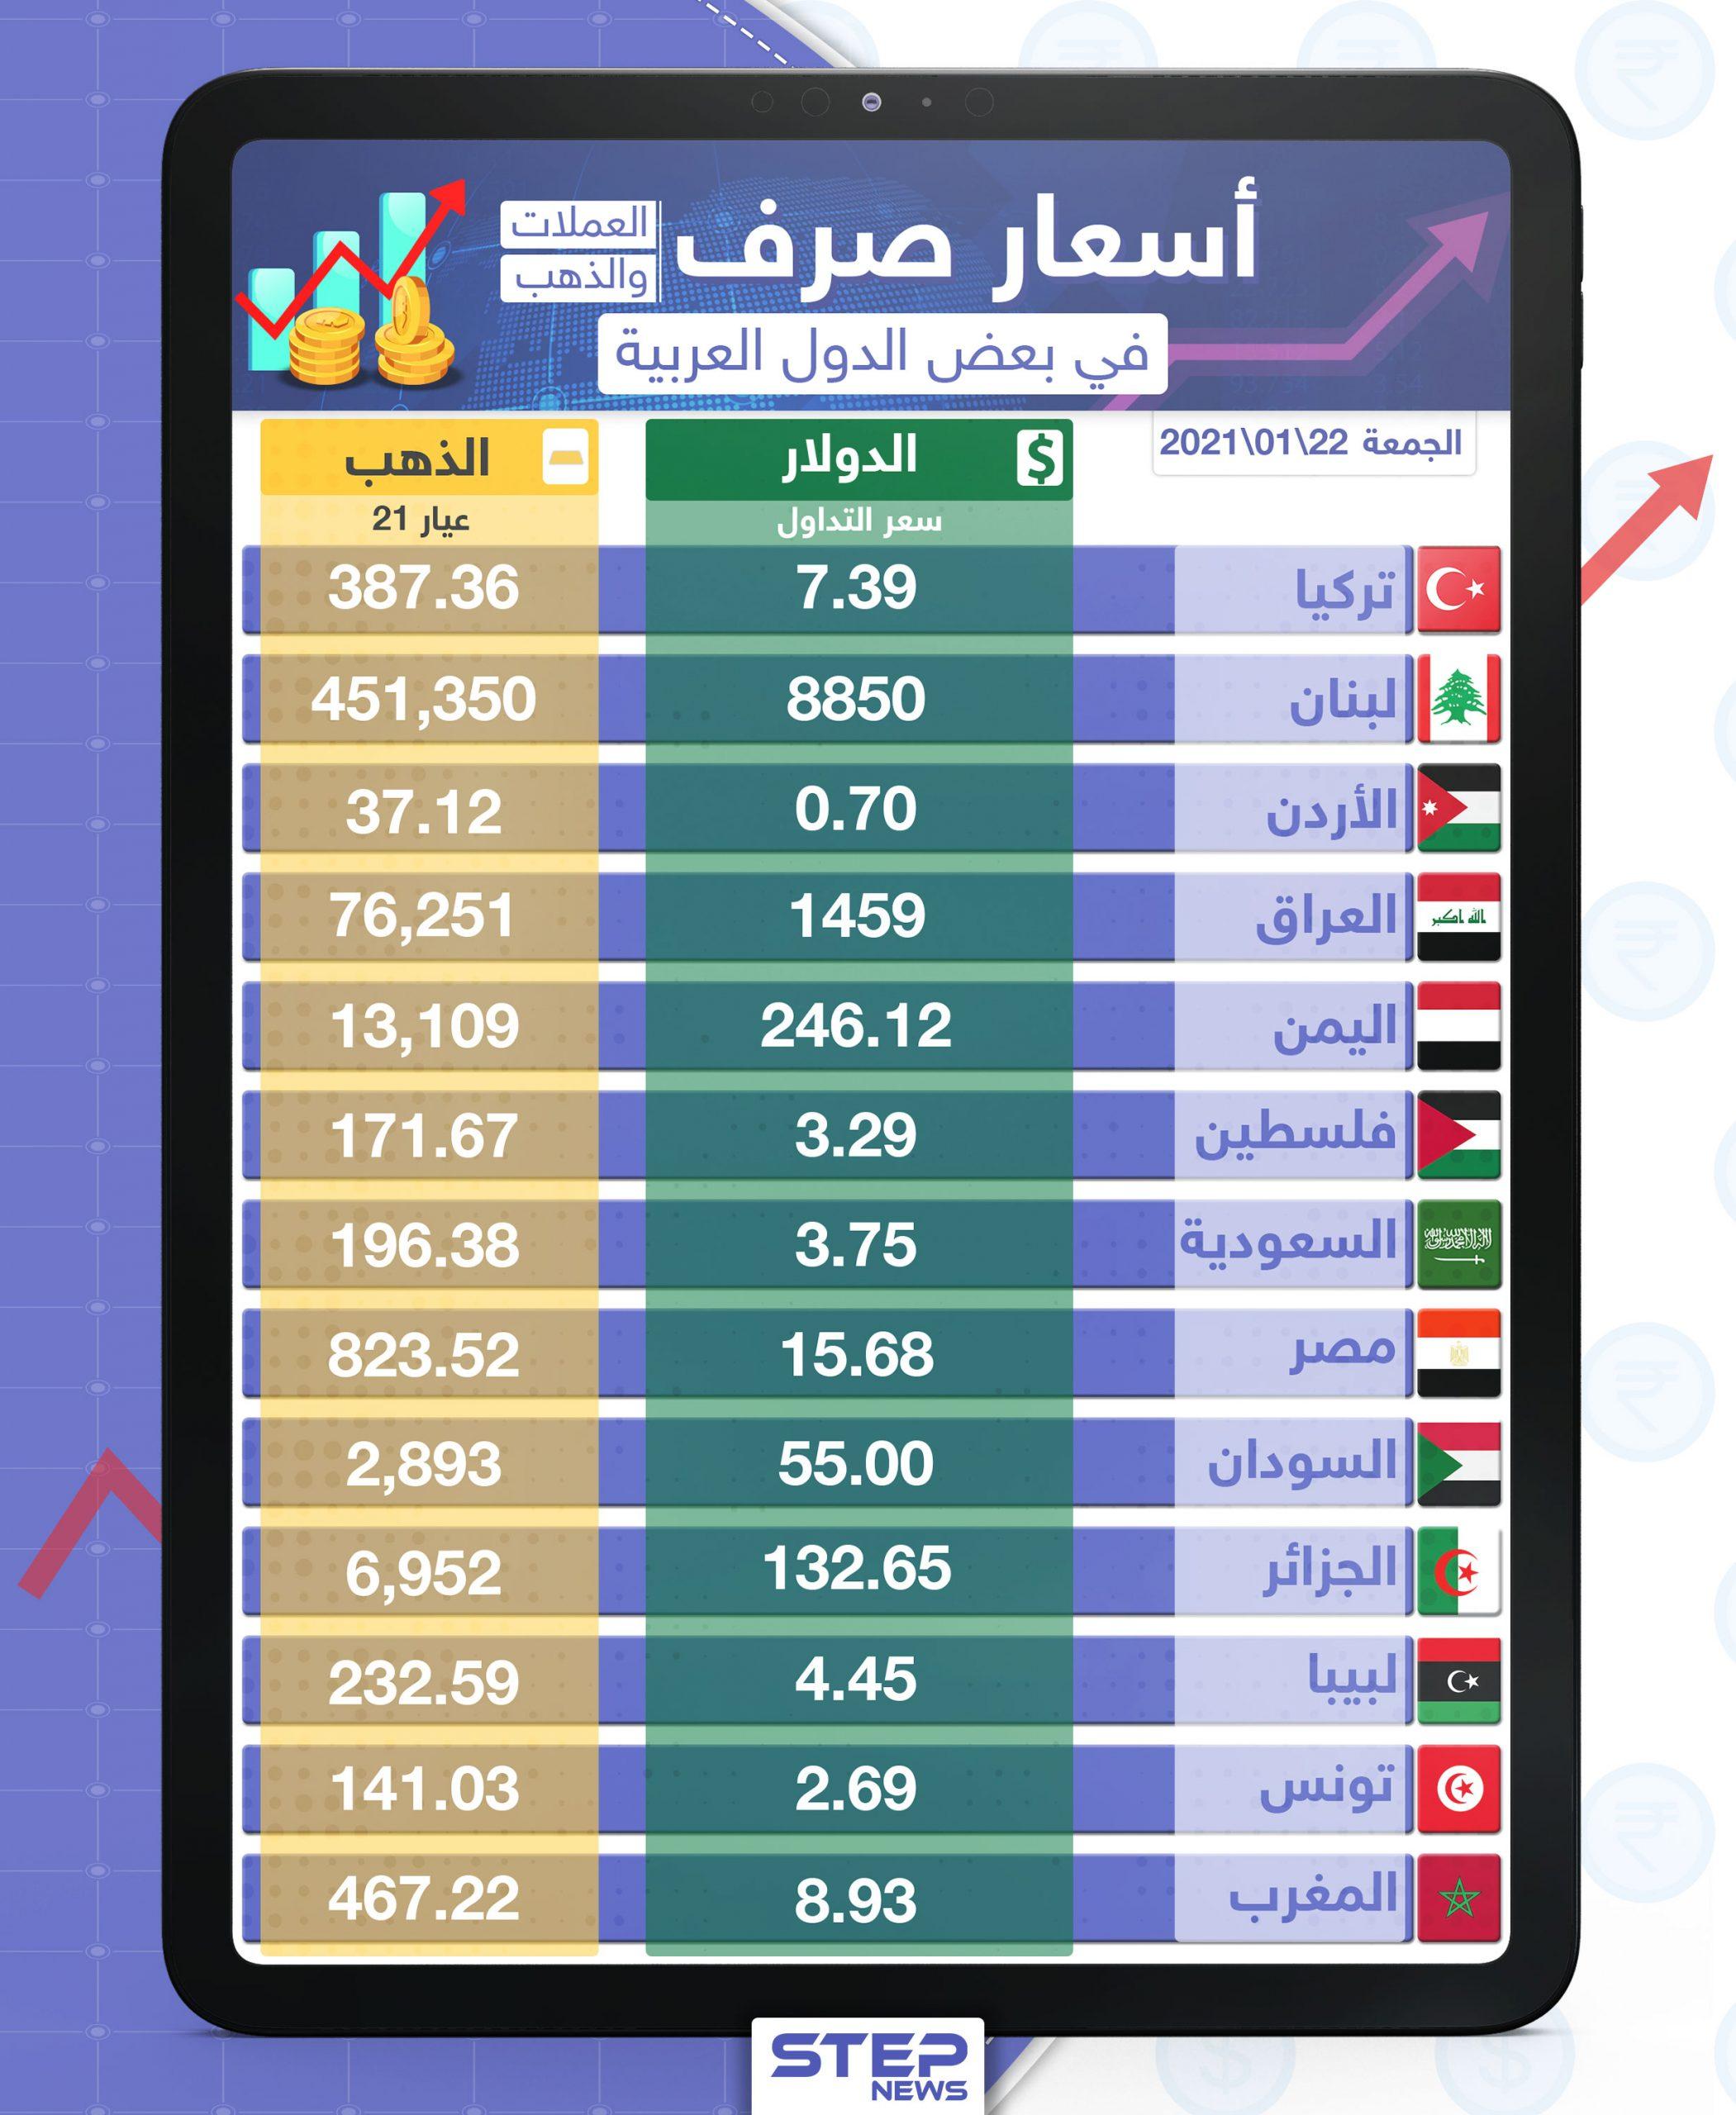 أسعار الذهب والعملات للدول العربية وتركيا اليوم الجمعة الموافق 22 كانون الثاني 2021